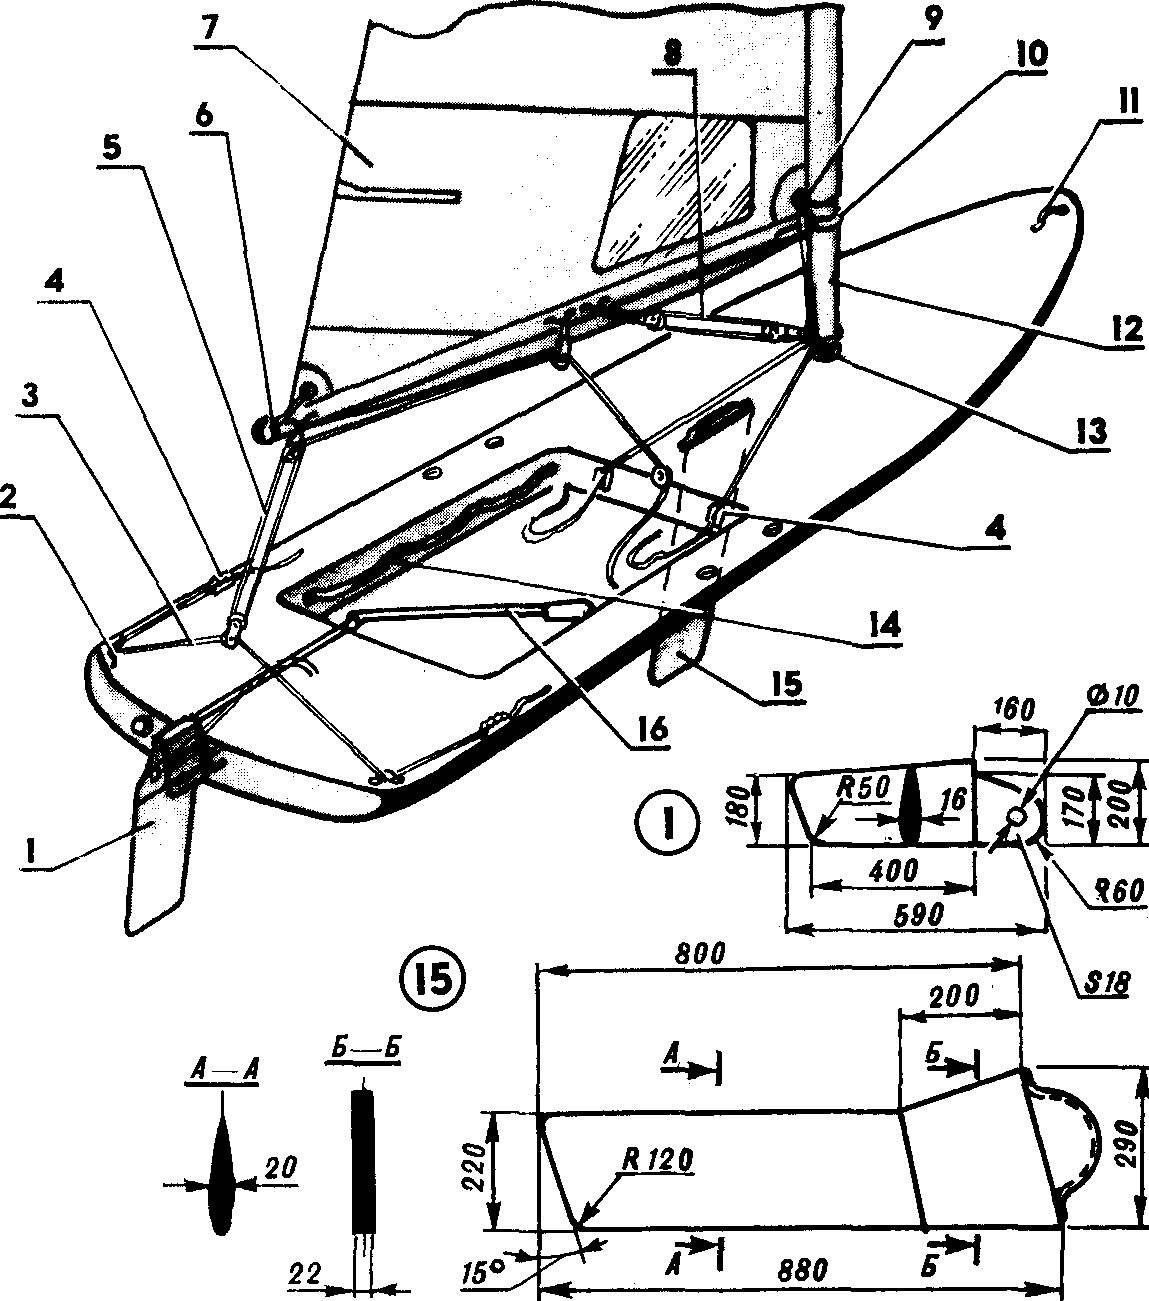 Рис. 5. Оснастка парусника в варианте мини-швертбота.